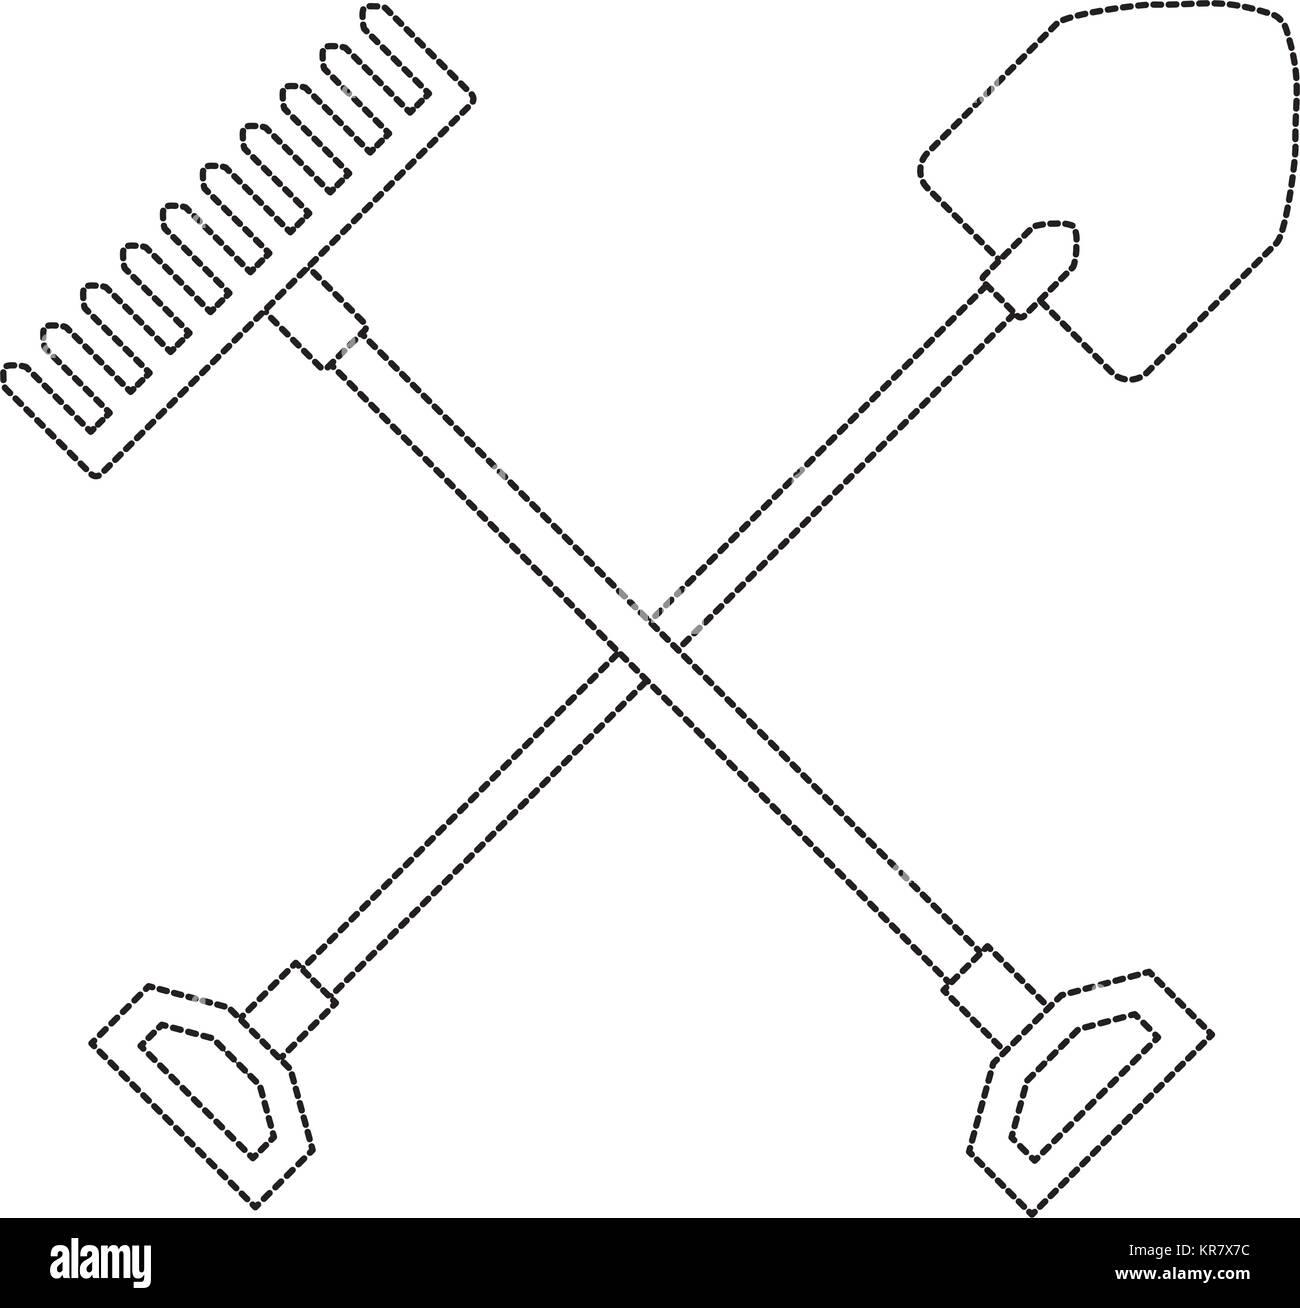 shoveling black and white stock photos images page 2 alamy Sawtooth Old Spade Shovel Flat gardening shovel with rake stock image